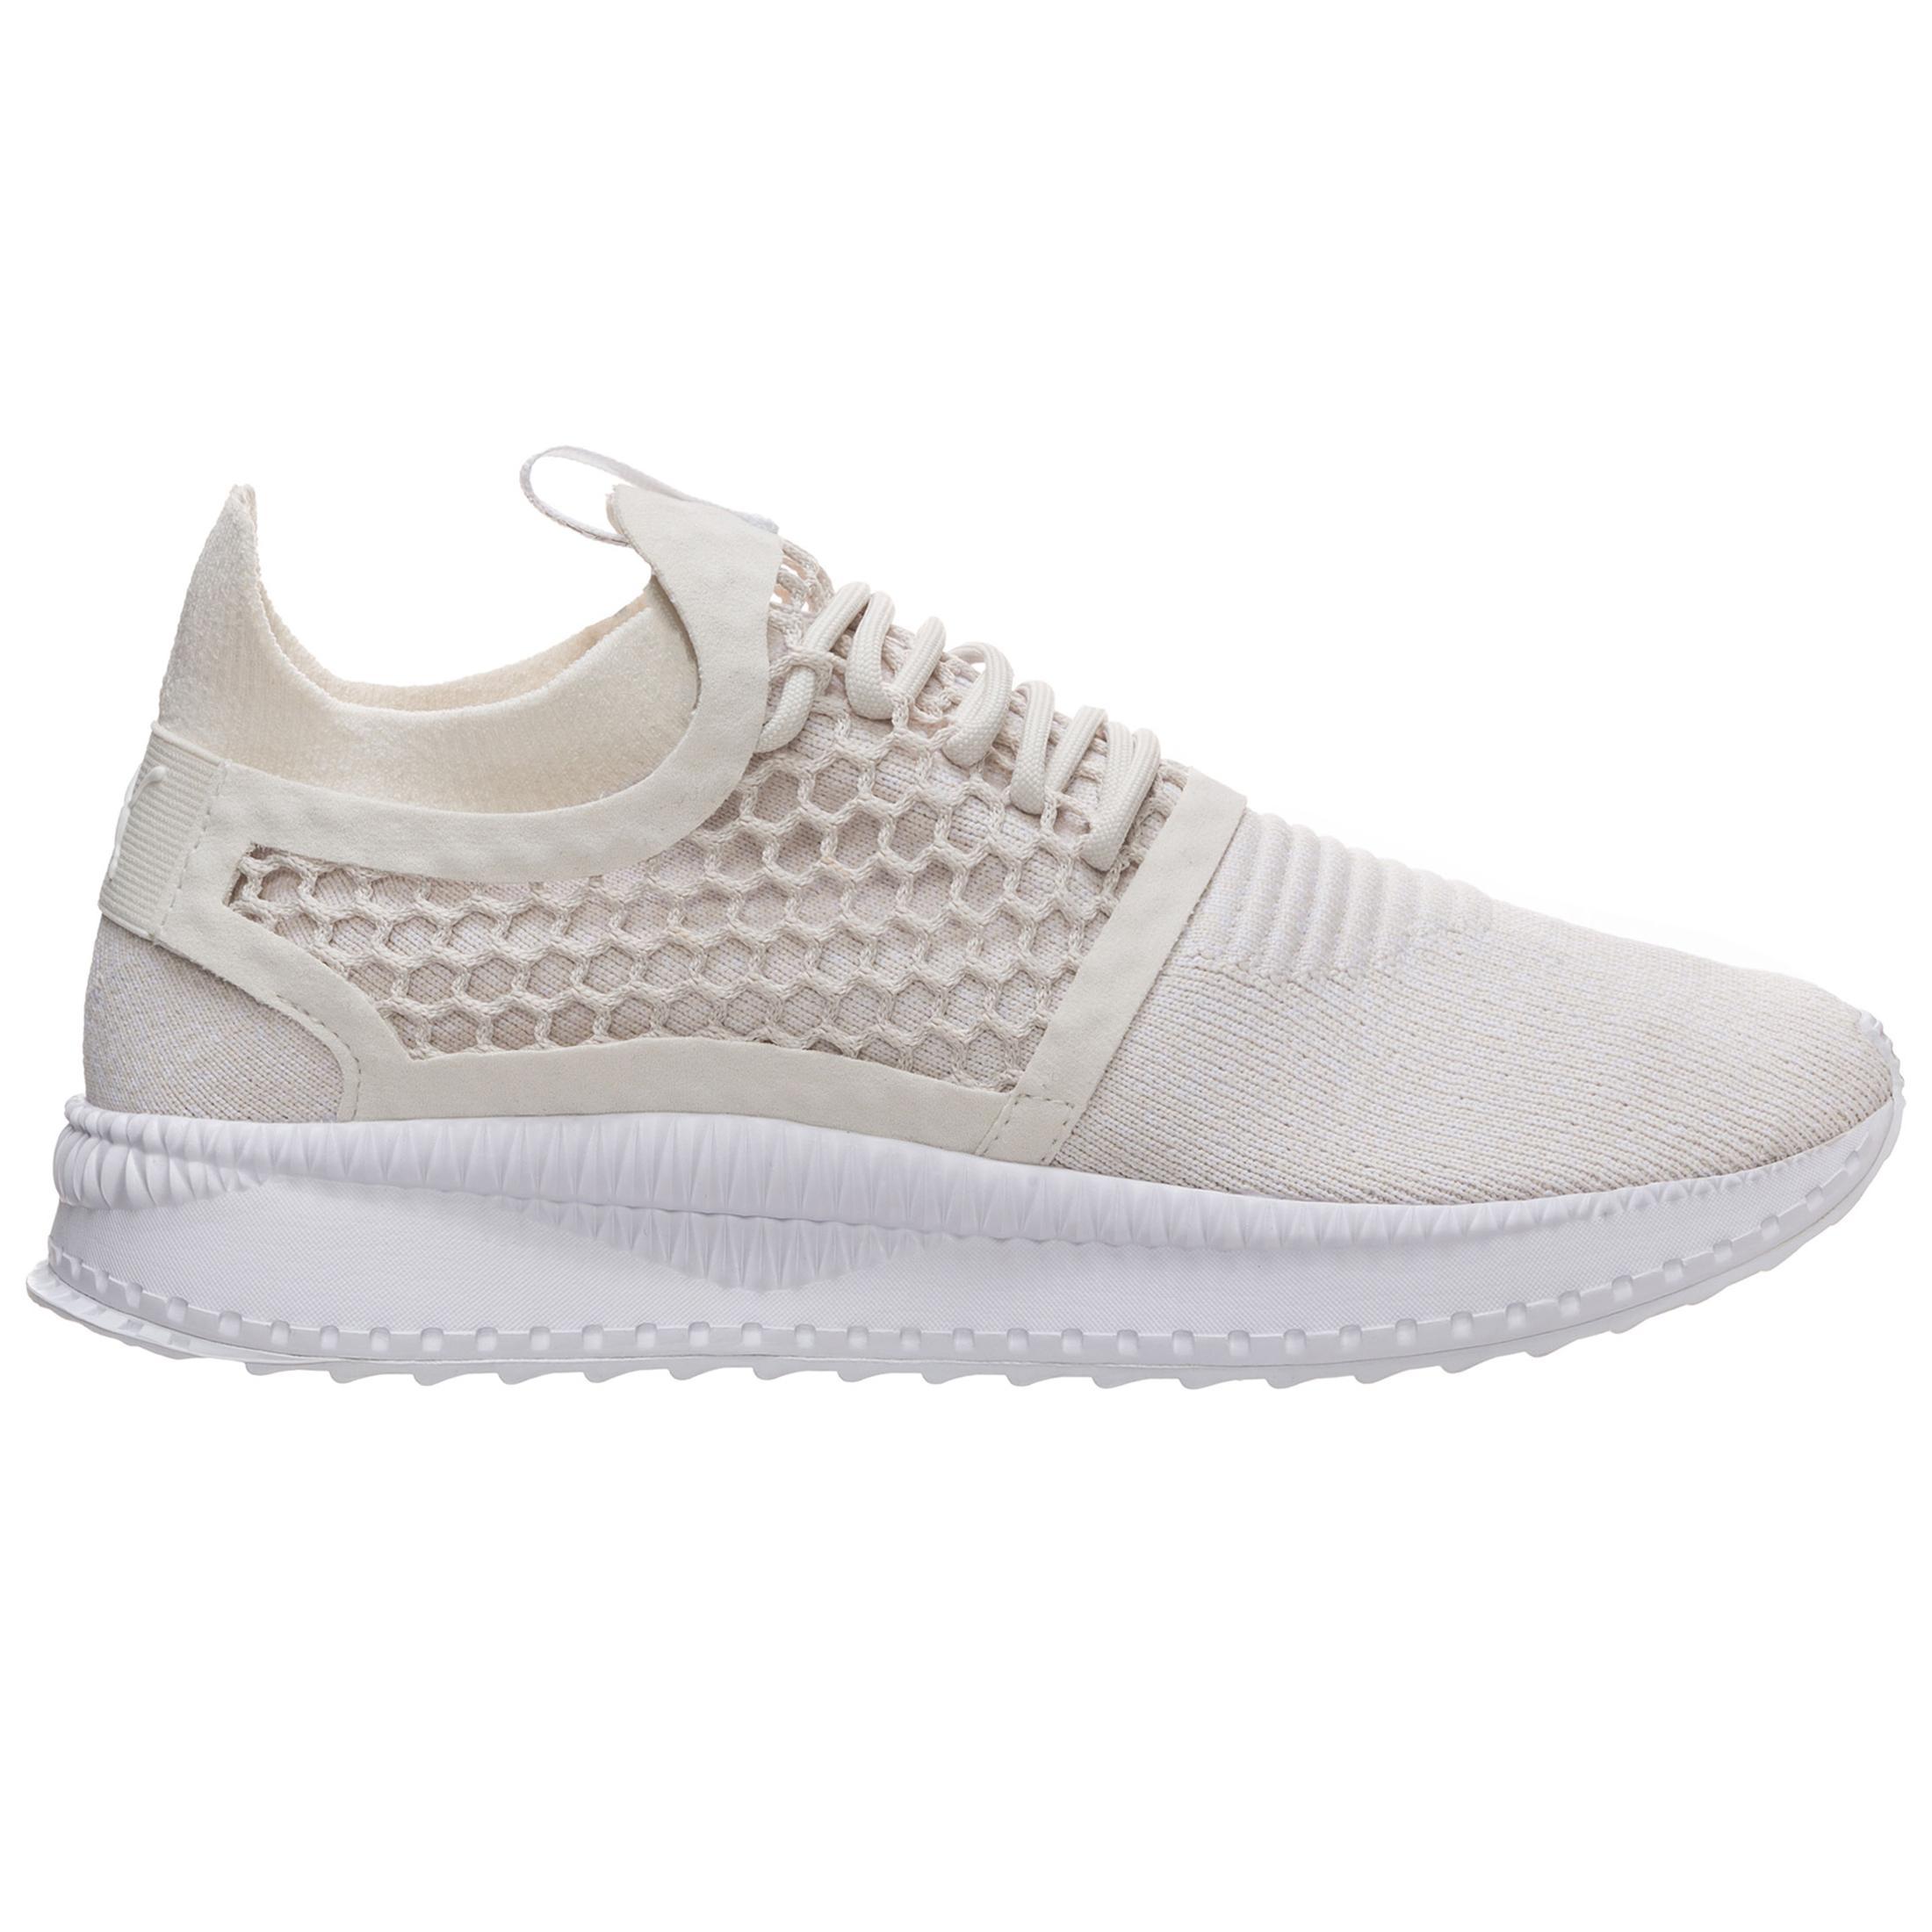 PUMA TSUGI Netfit v2 evoKNIT Turnschuhe Herren Herren Herren creme   weiß im Online Shop von SportScheck kaufen Gute Qualität beliebte Schuhe c8a7e4